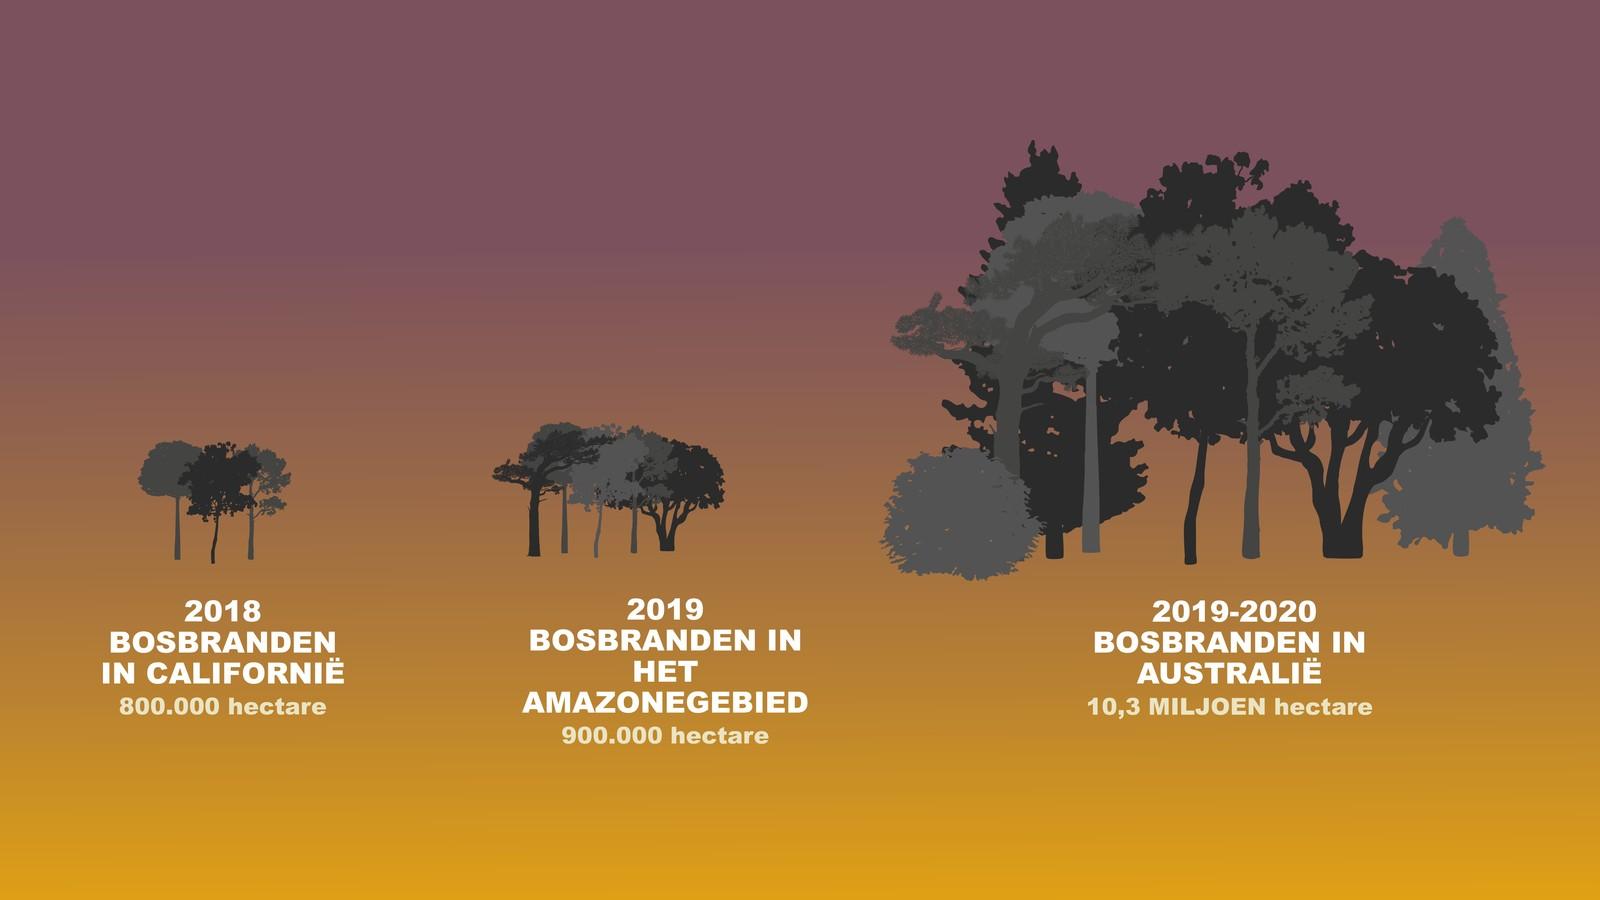 Hoe erg de bosbranden in Australië zijn, uitgelegd in beelden